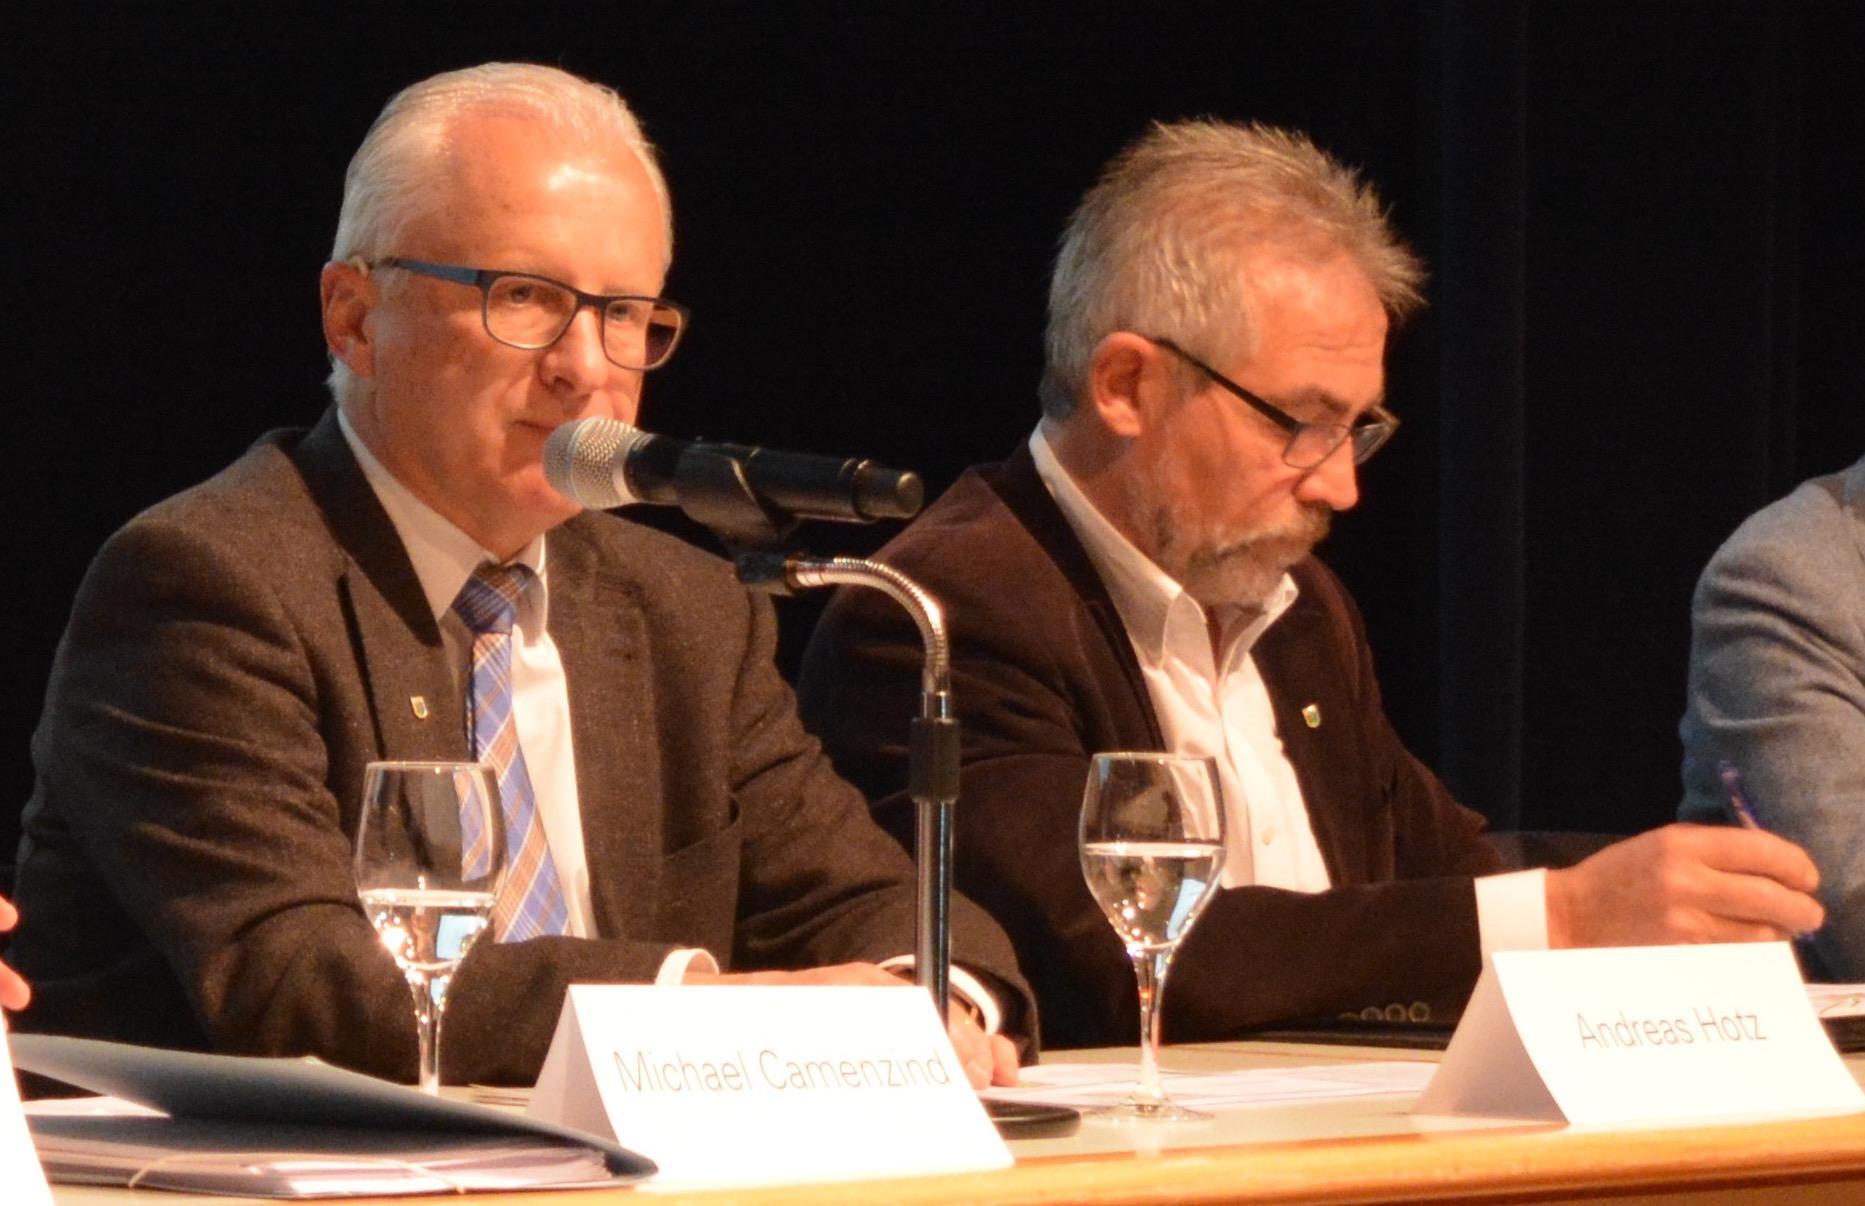 Ausgesprochen lebensfroh: Baars Gemeindepräsident Andreas Hotz und Bauchef Paul Langenegger.